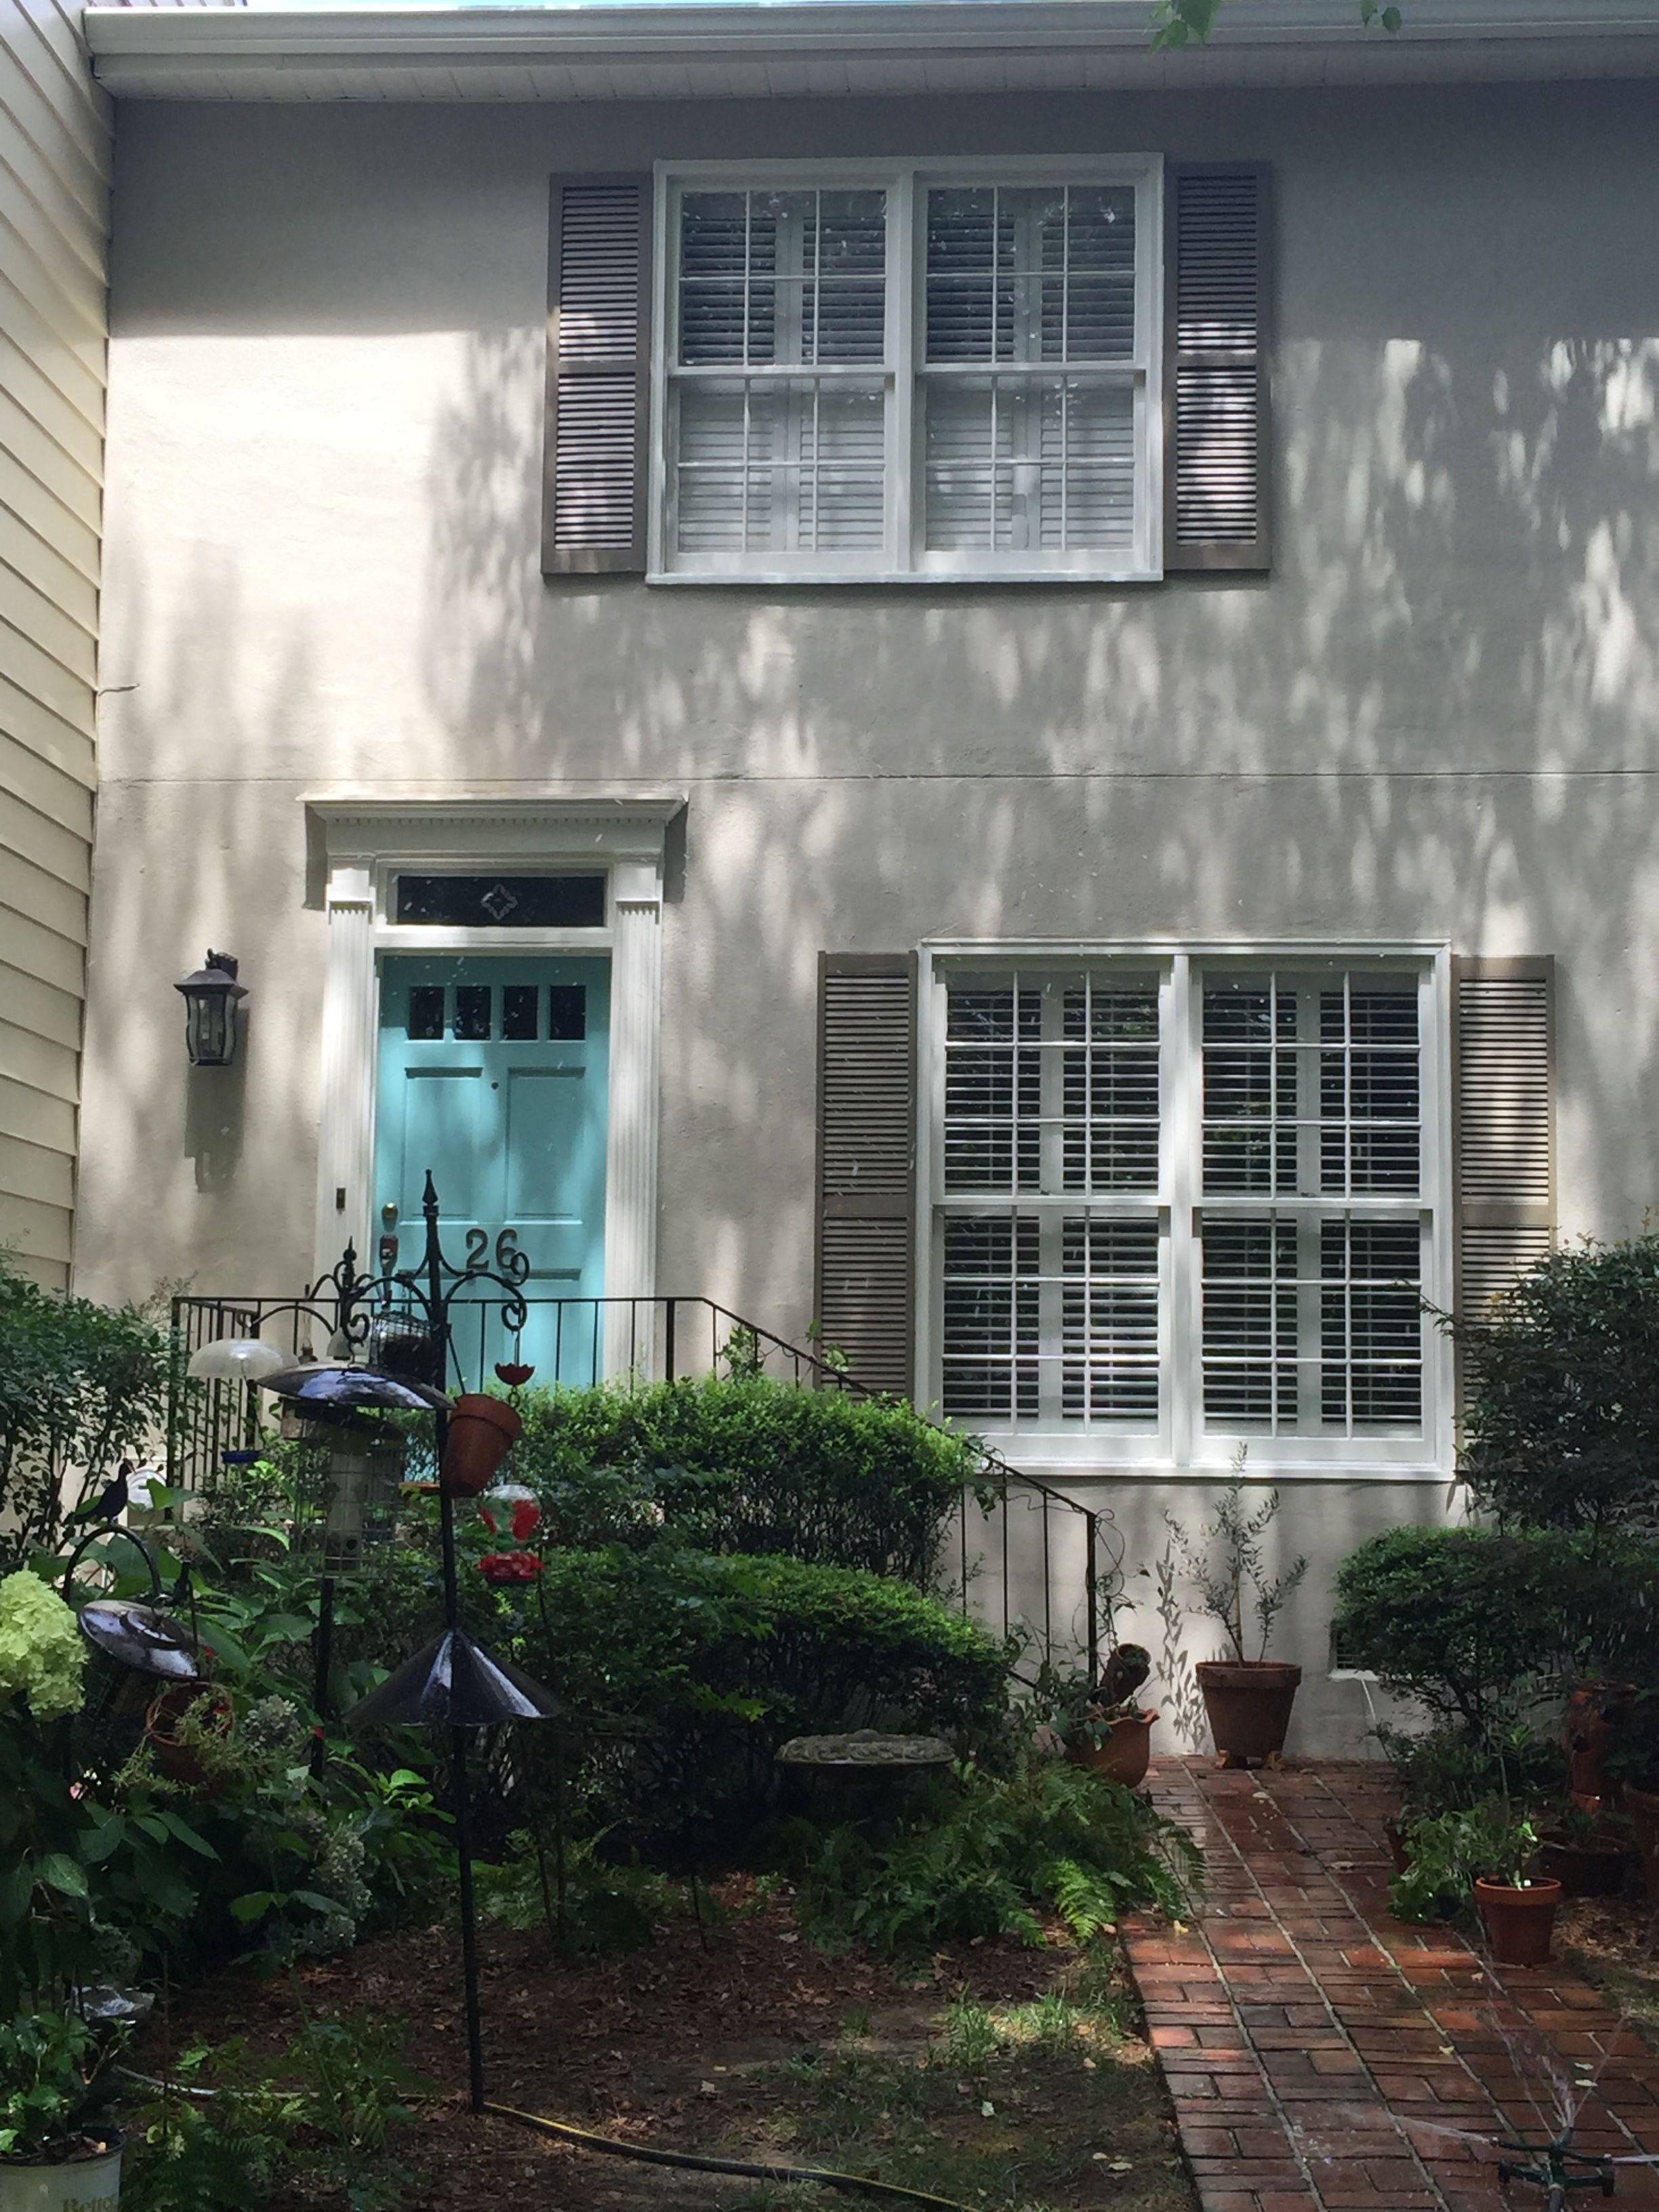 Final Paint Colors Bm Grant Beige Stucco Bm White Dove Trim Bm Texas Leather Shutte Exterior Paint Colors For House House Paint Exterior Stucco Colors